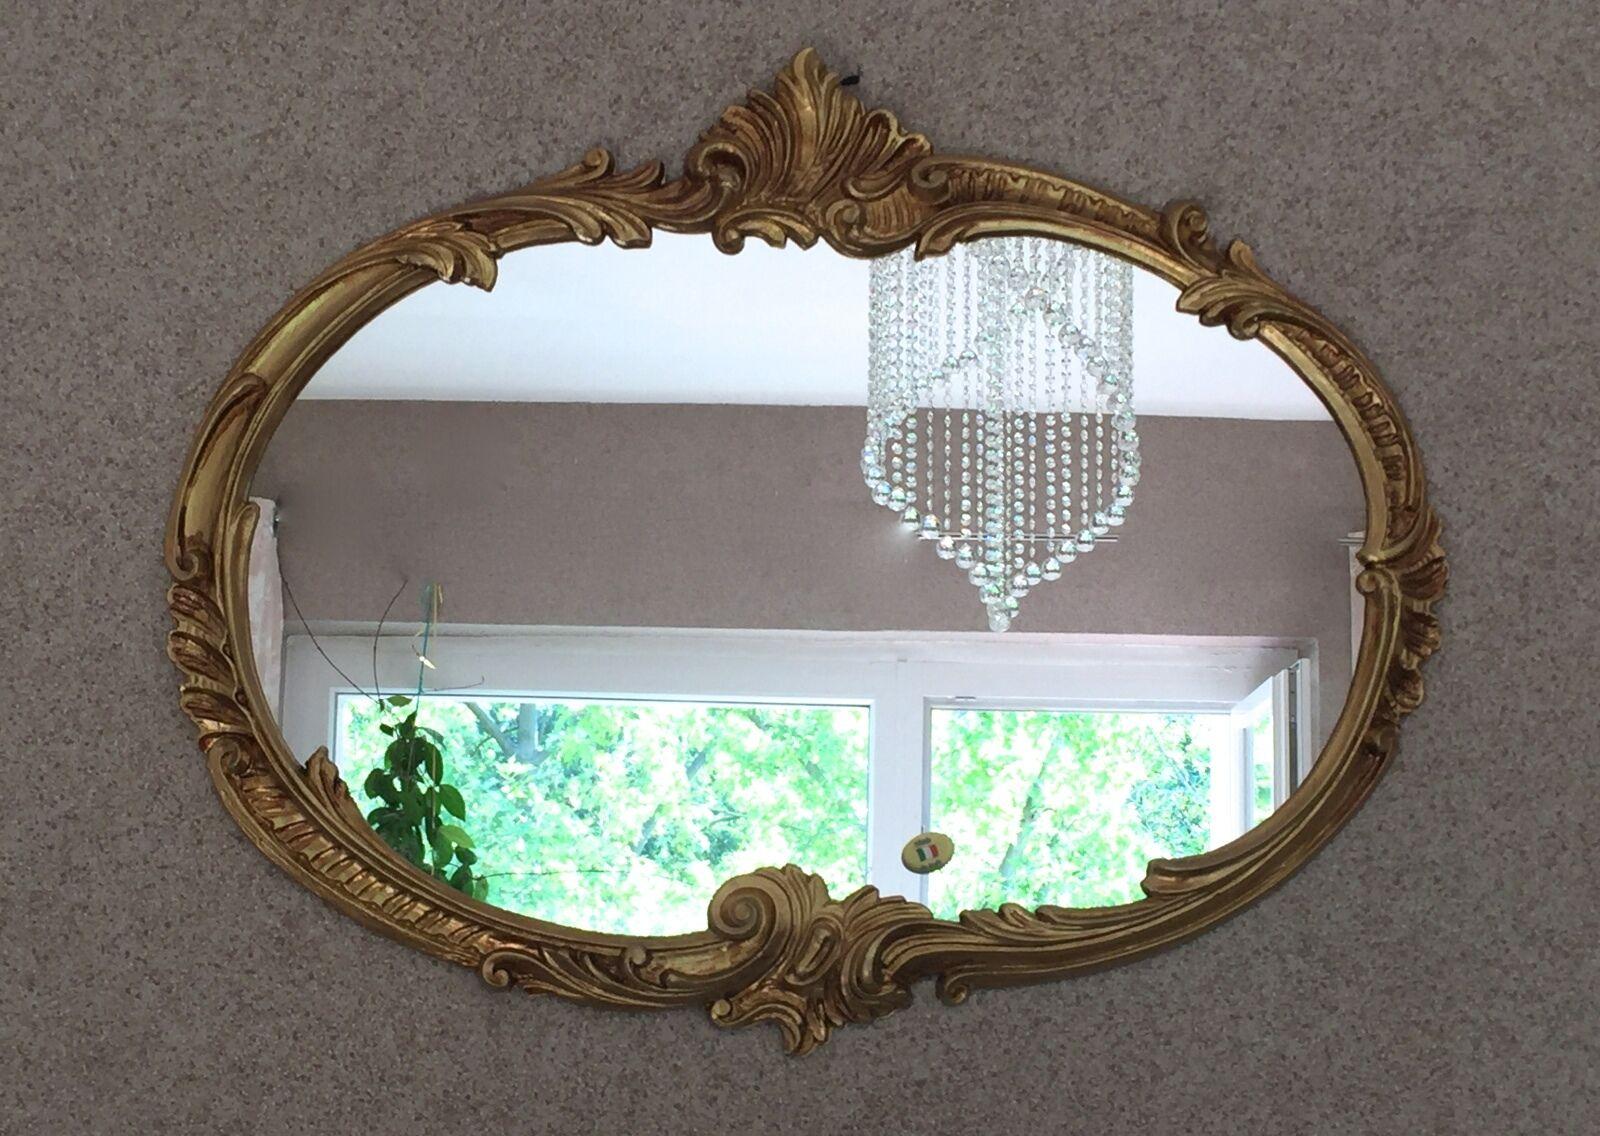 wandspiegel barock oval antik gold 52x42 badspiegel. Black Bedroom Furniture Sets. Home Design Ideas